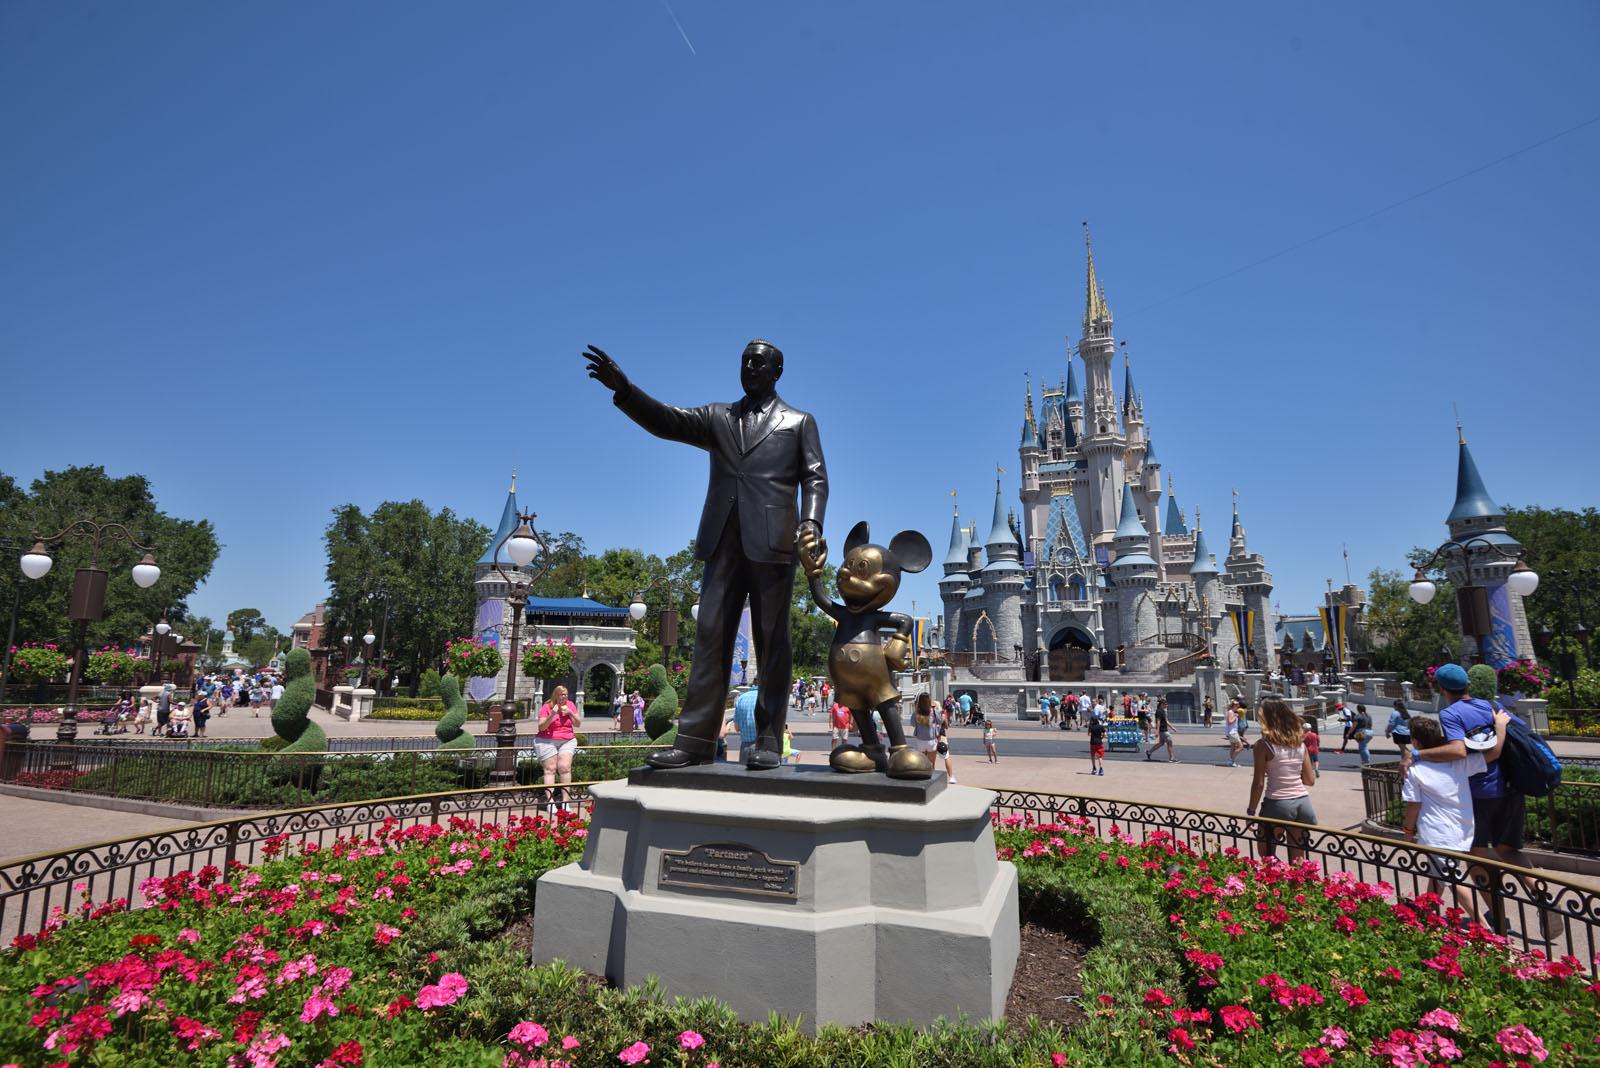 ウォルト・ディズニー・ワールド マジックキングダム Walt Disney Wolrd Magic Kingdom